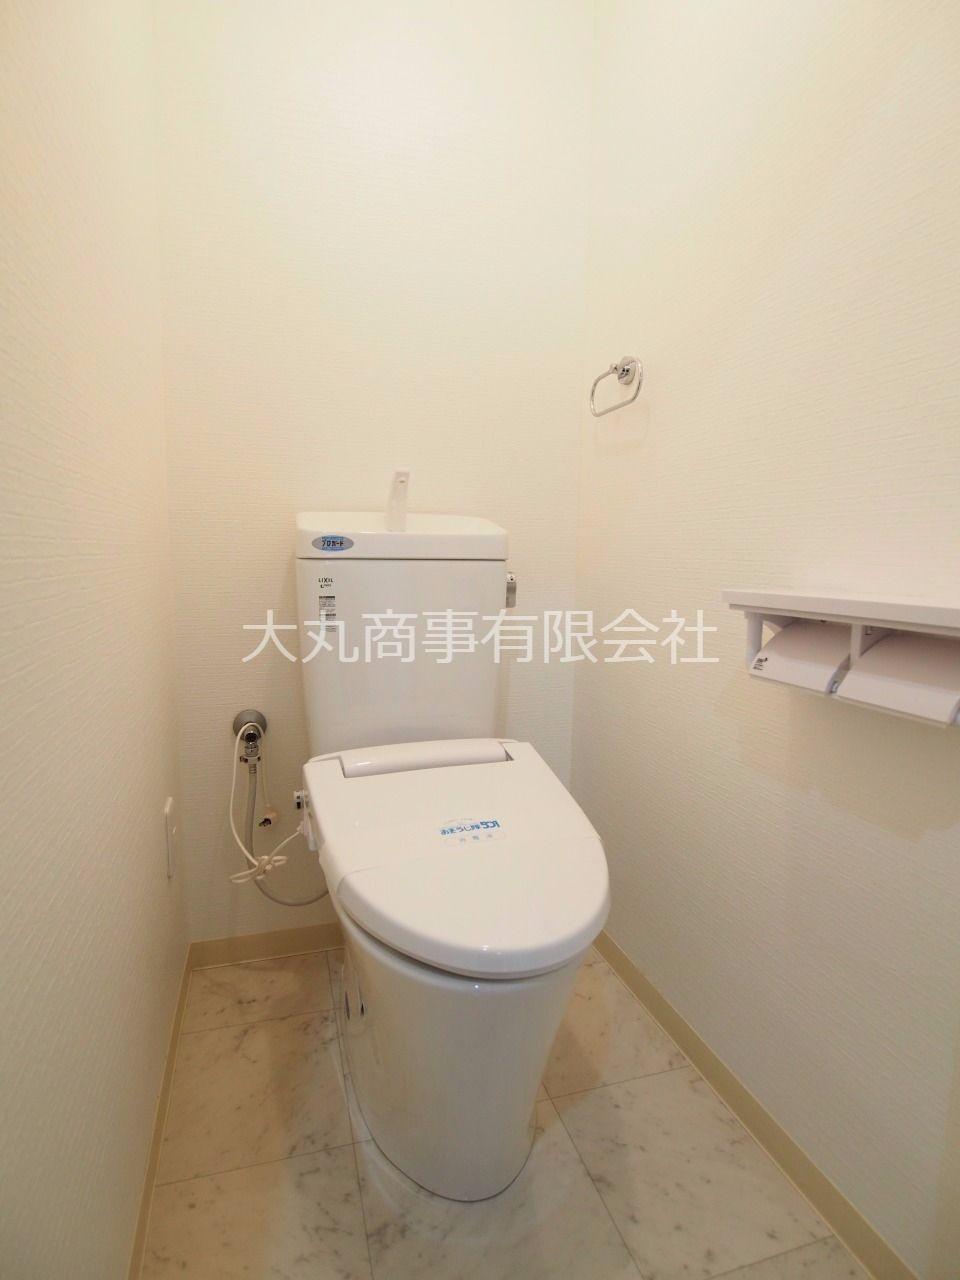 トイレ内にはコンセントがあるので、温水洗浄便座に交換可能